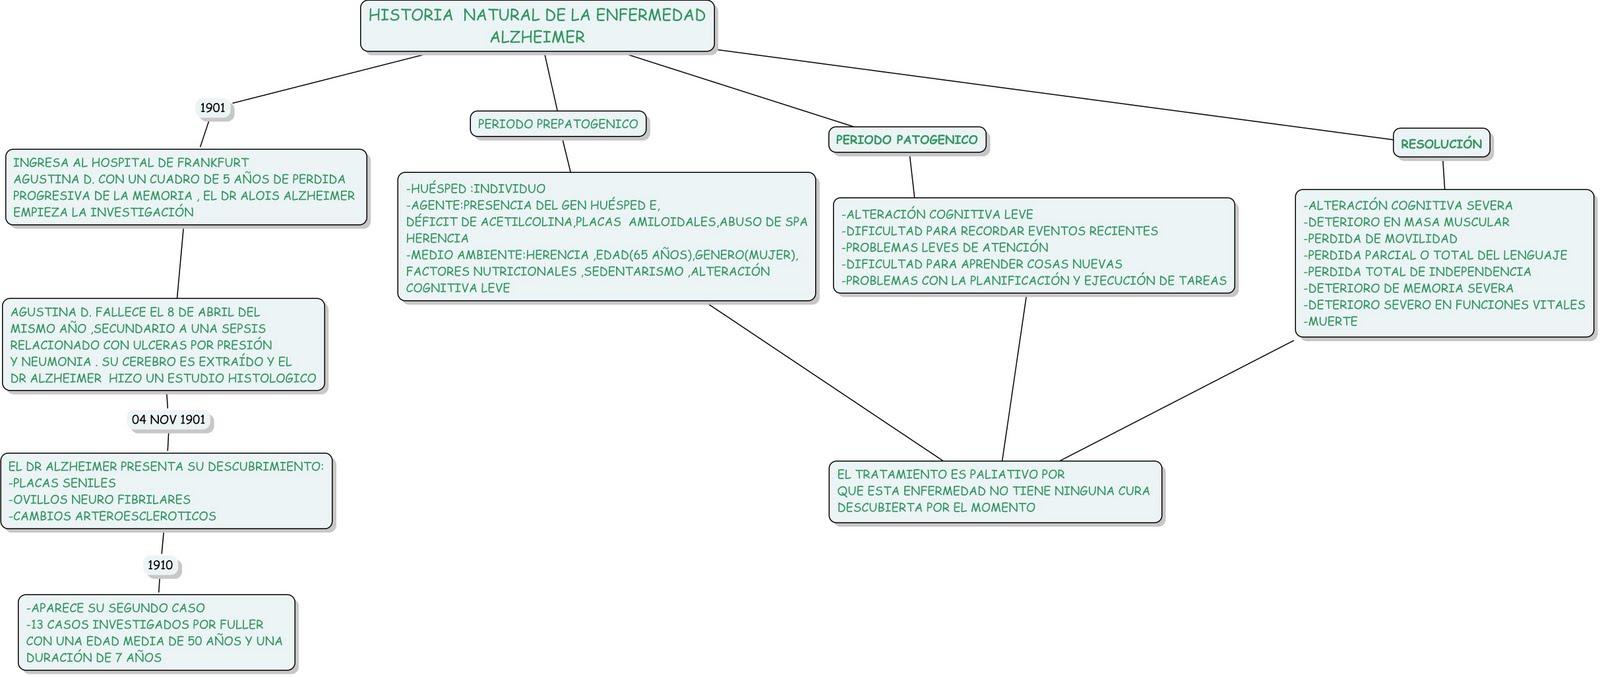 diabetes mellitus research essay